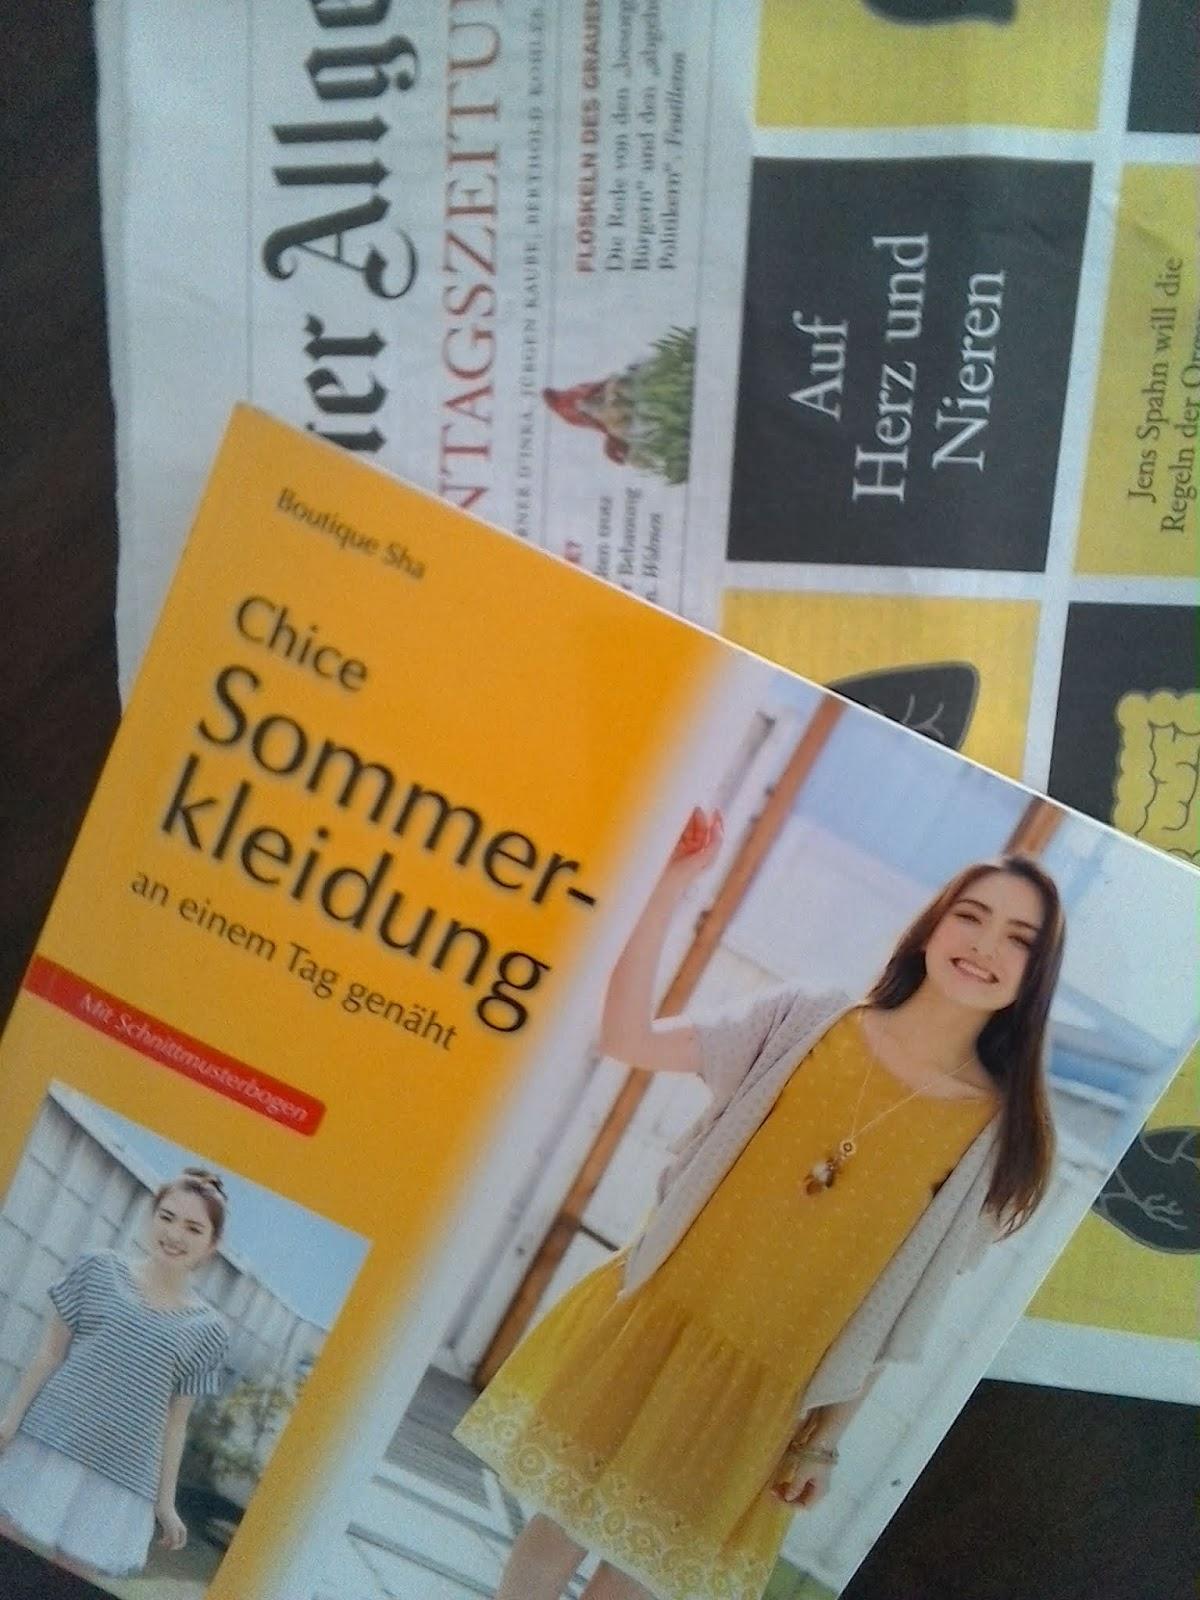 6fad662666 Und siehe da: welch eine Überraschung, das Innenleben präsentierte sich  völlig anders als das gelbe Cover mit dem sperrigen Titel.